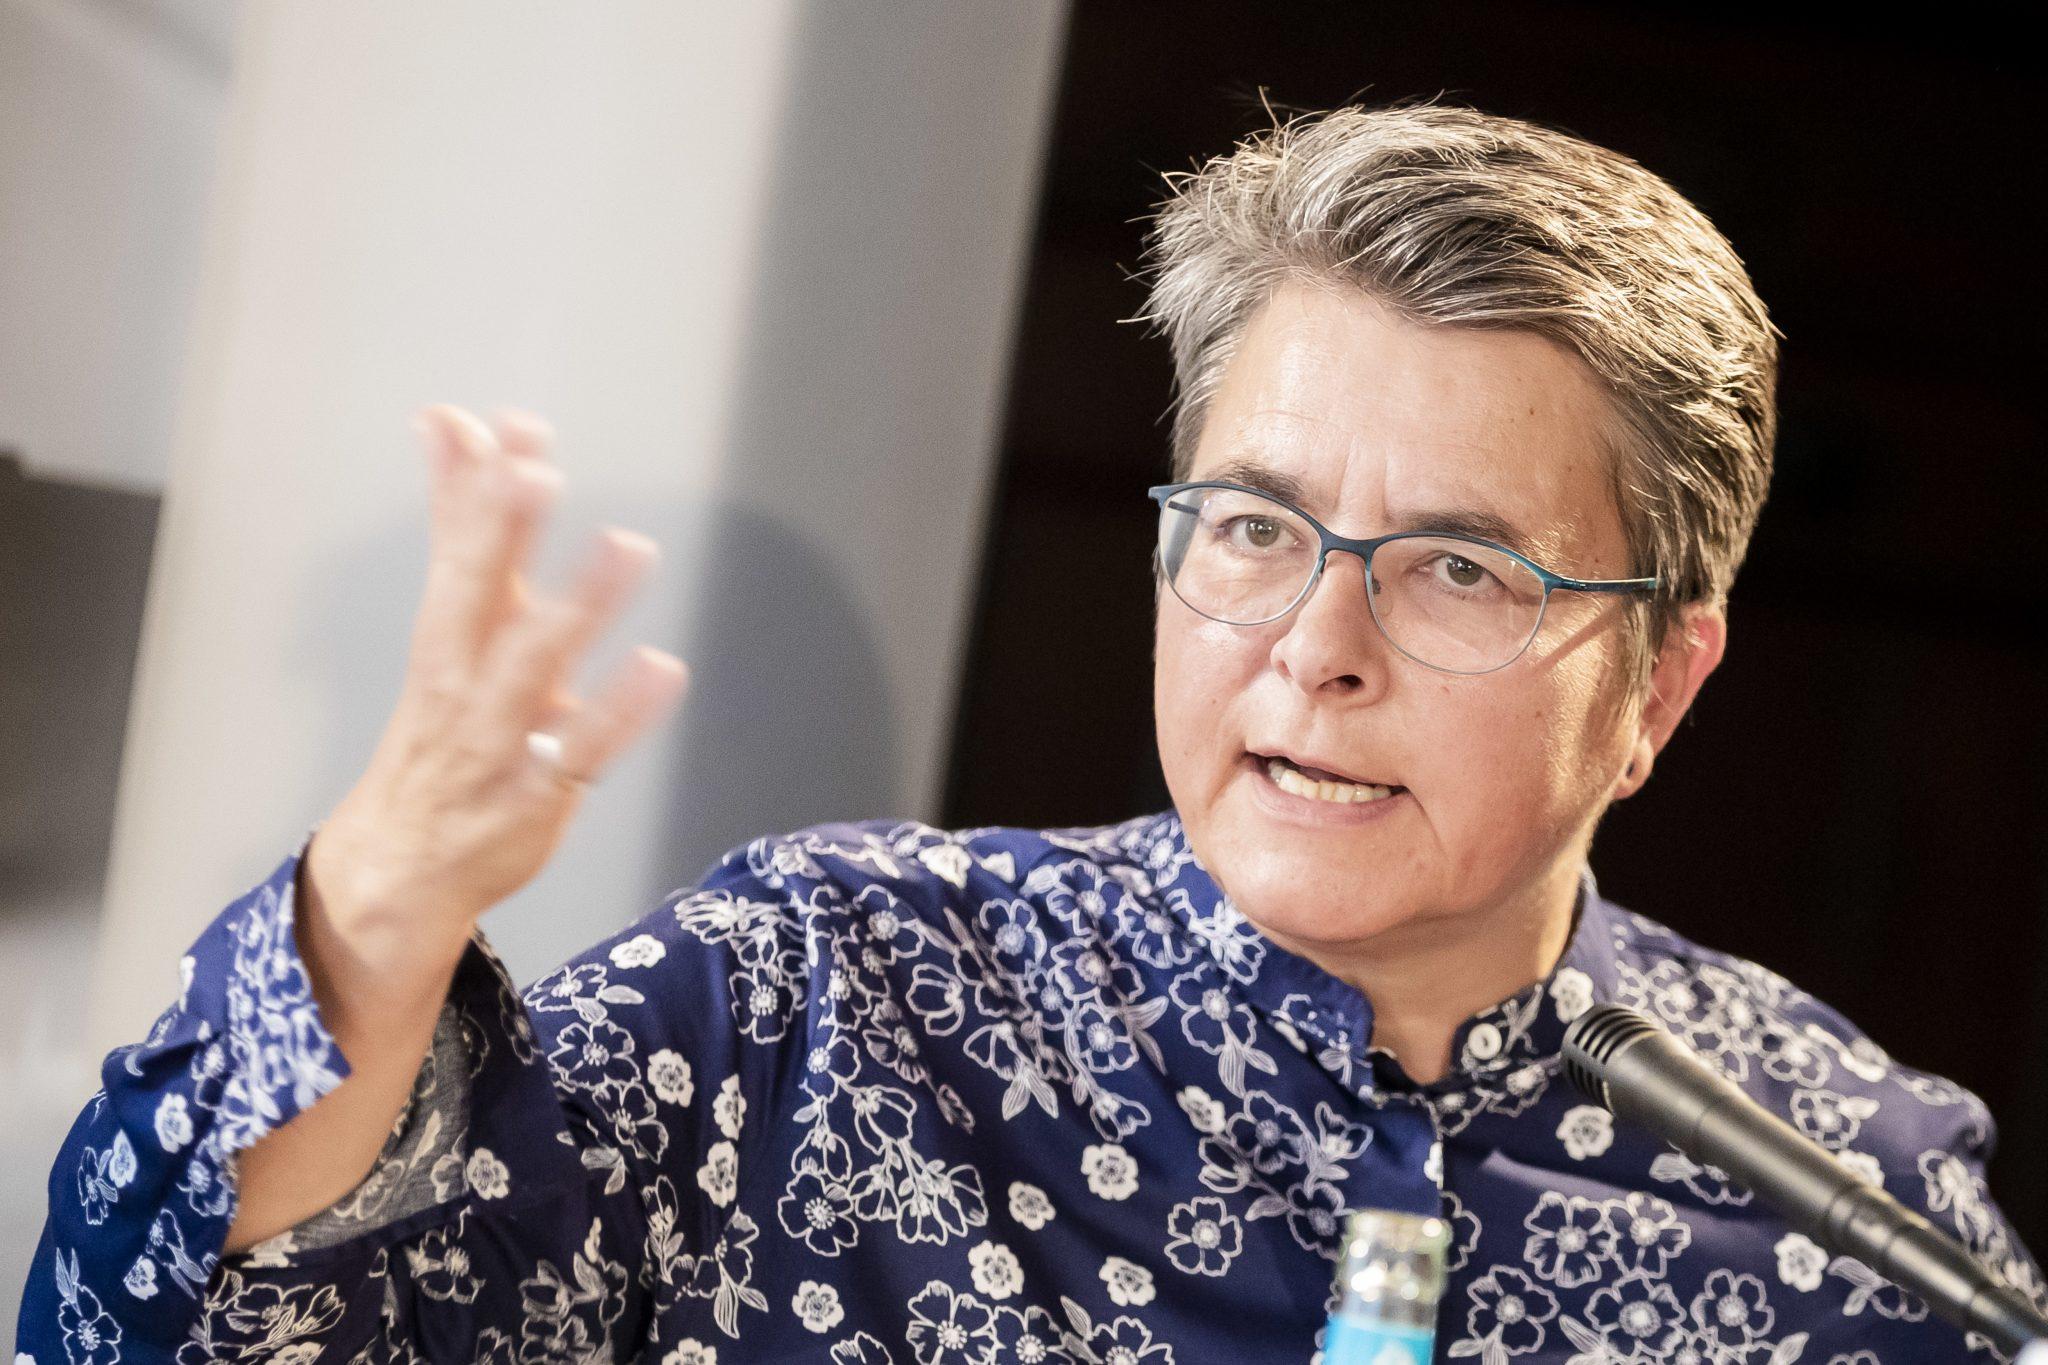 Die Bezirksbürgermeisterin von Friedrichshain-Kreuzberg, Monika Herrmann (Grüne), fordert mehr Polizeipräsenz Foto: picture alliance/Christoph Soeder/dpa